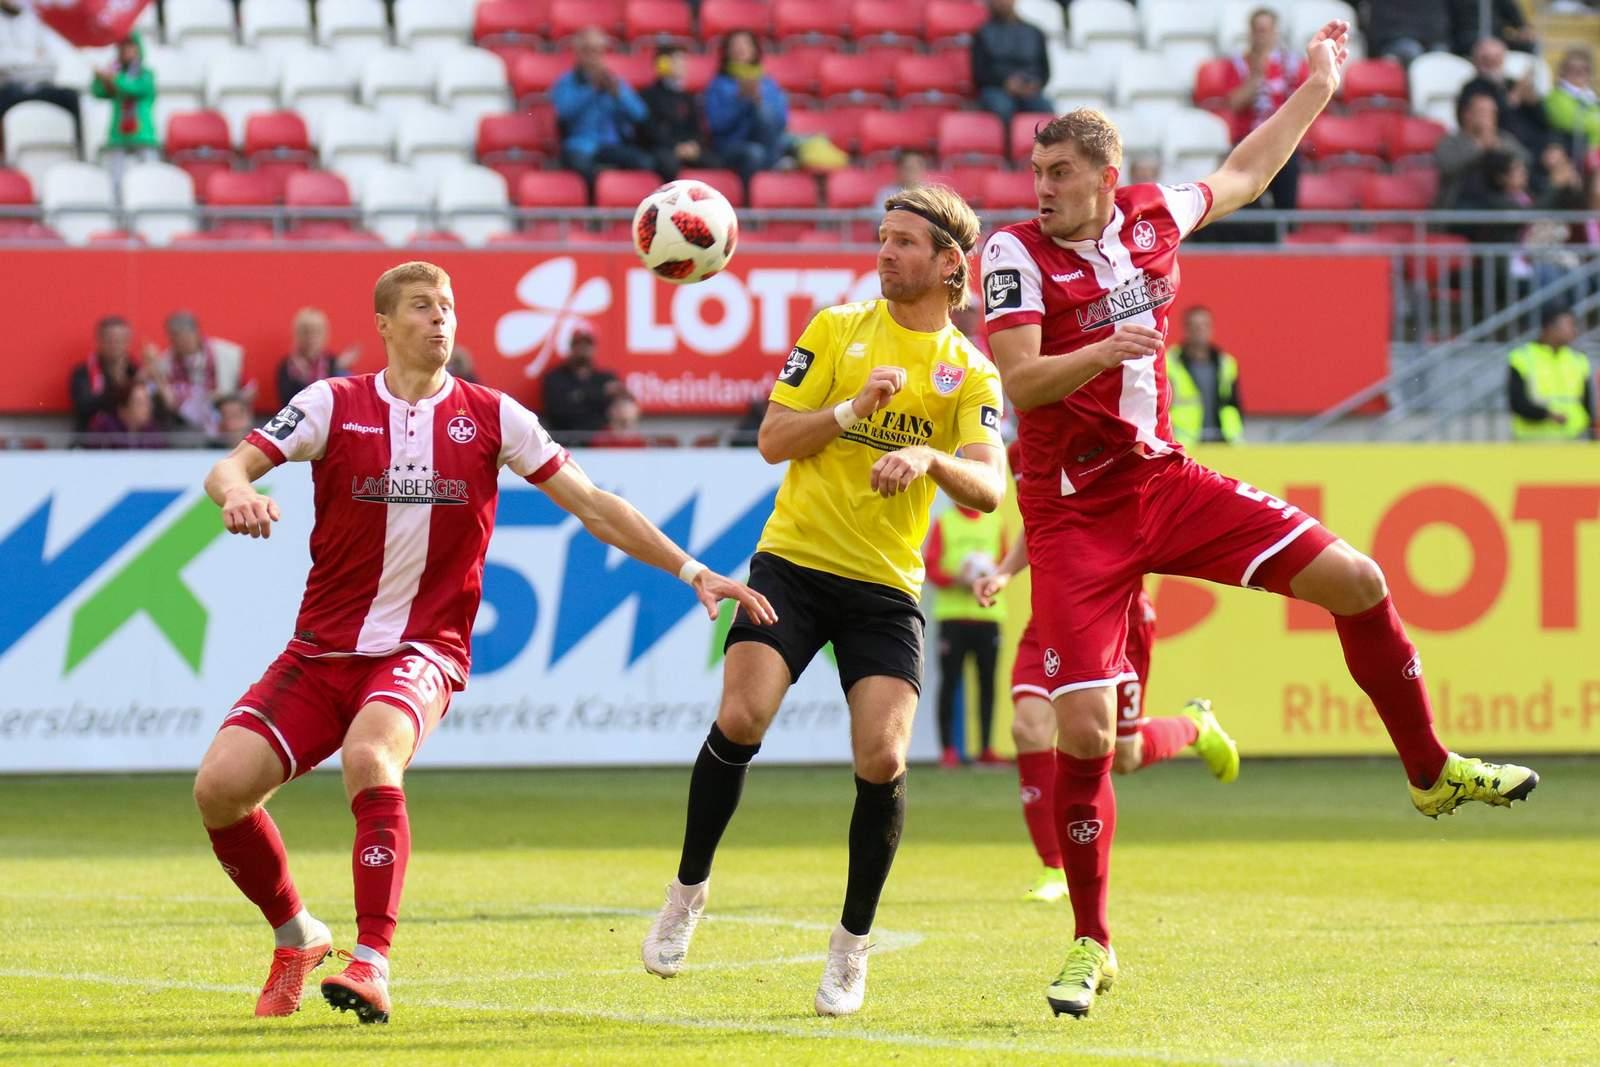 Kevin Kraus (r.) und Andre Hainault (l.) vom 1. FC Kaiserslautern gegen Stefan Aigner vom KFC Uerdingen.